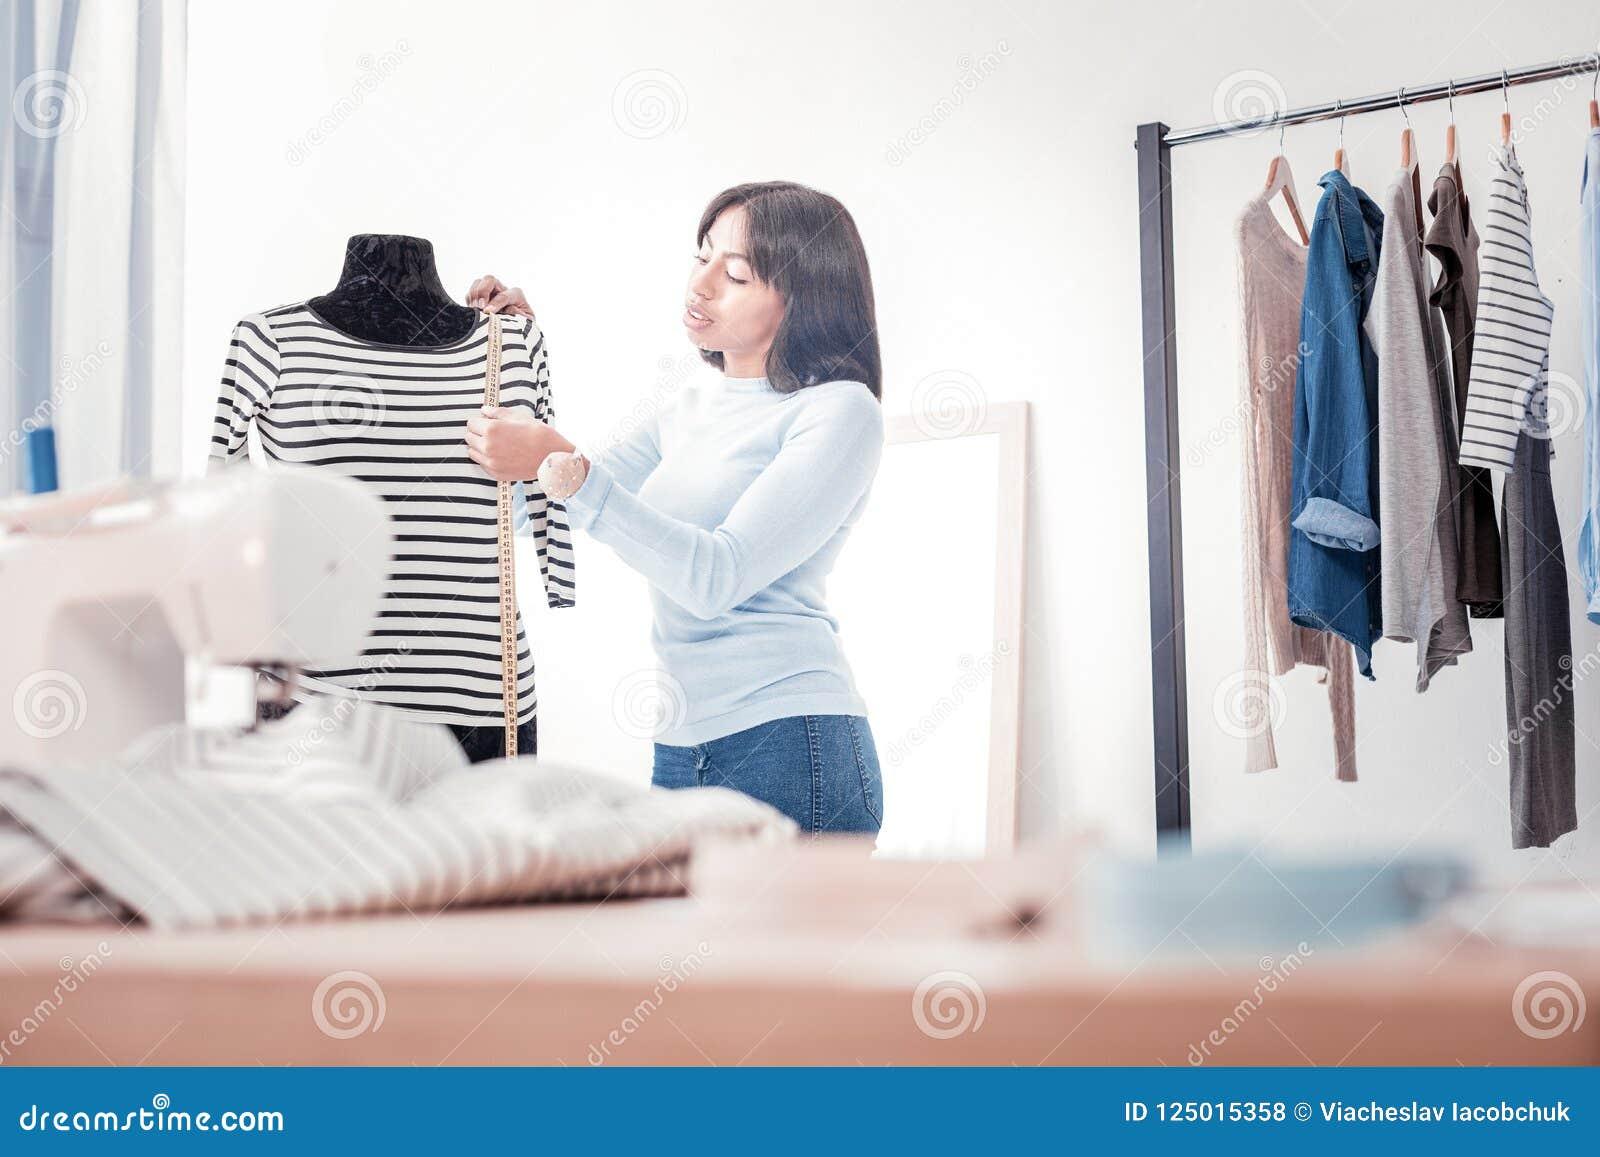 Сконцентрированный портной в процессе измеряя одежд